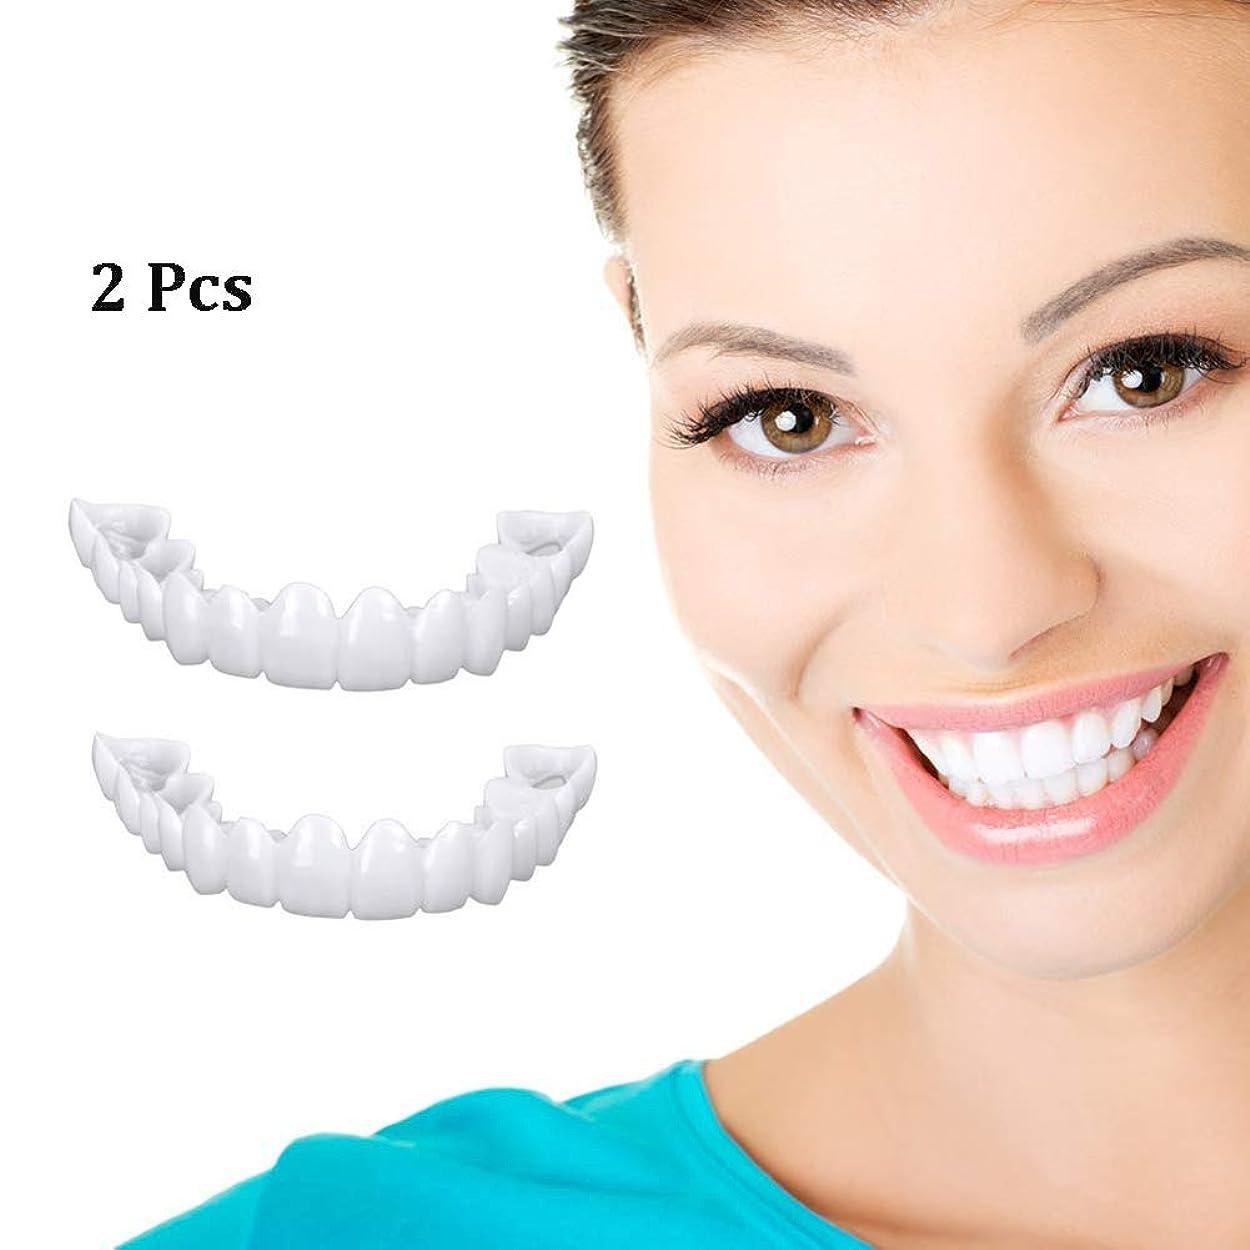 懐疑論成り立つ織機義歯フィットフレックス化粧品歯快適なベニヤカバー歯科ケアアクセサリーボックス付きホワイトニングで数分で完璧な笑顔で2ピース再利用可能なスナップ